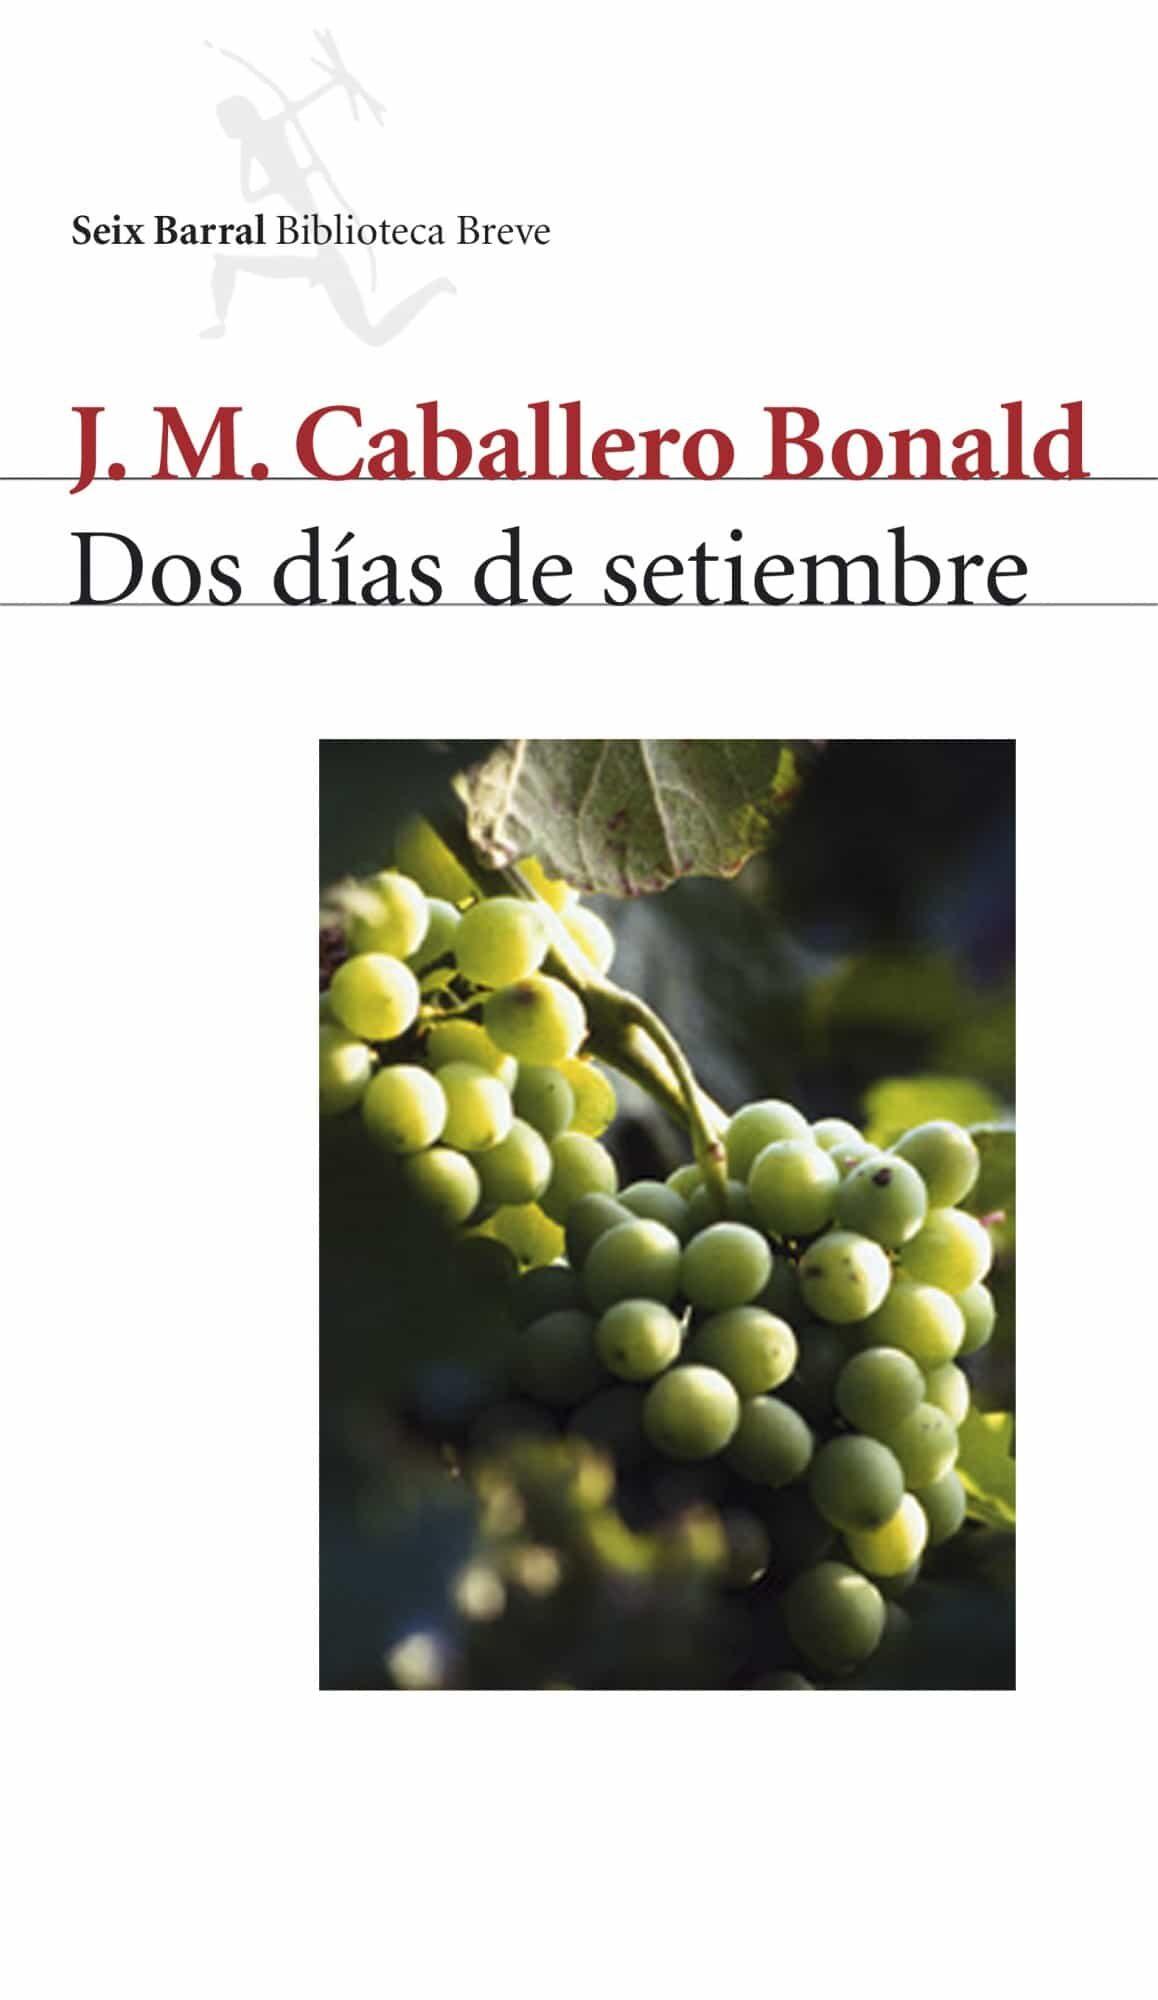 dos dias de septiembre-jose manuel caballero bonald-9788432211263